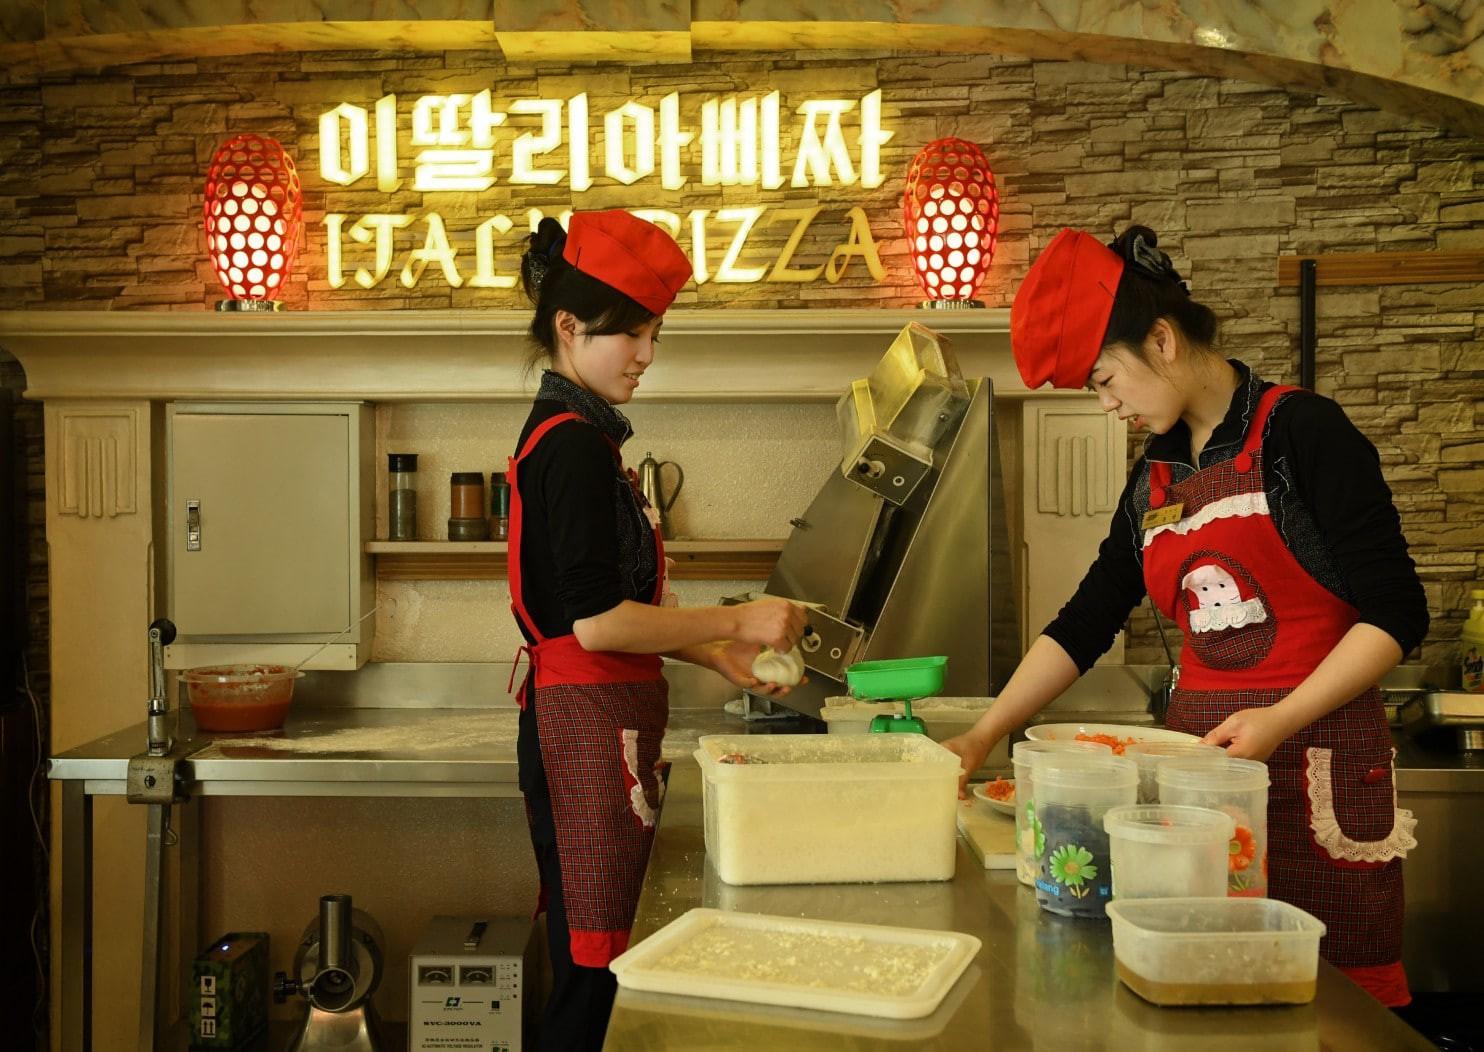 """Hé lộ bí mật những """"chợ trời"""" ở Bình Nhưỡng và cuộc sống chưa từng biết tới tại thủ đô Triều Tiên - Ảnh 10."""